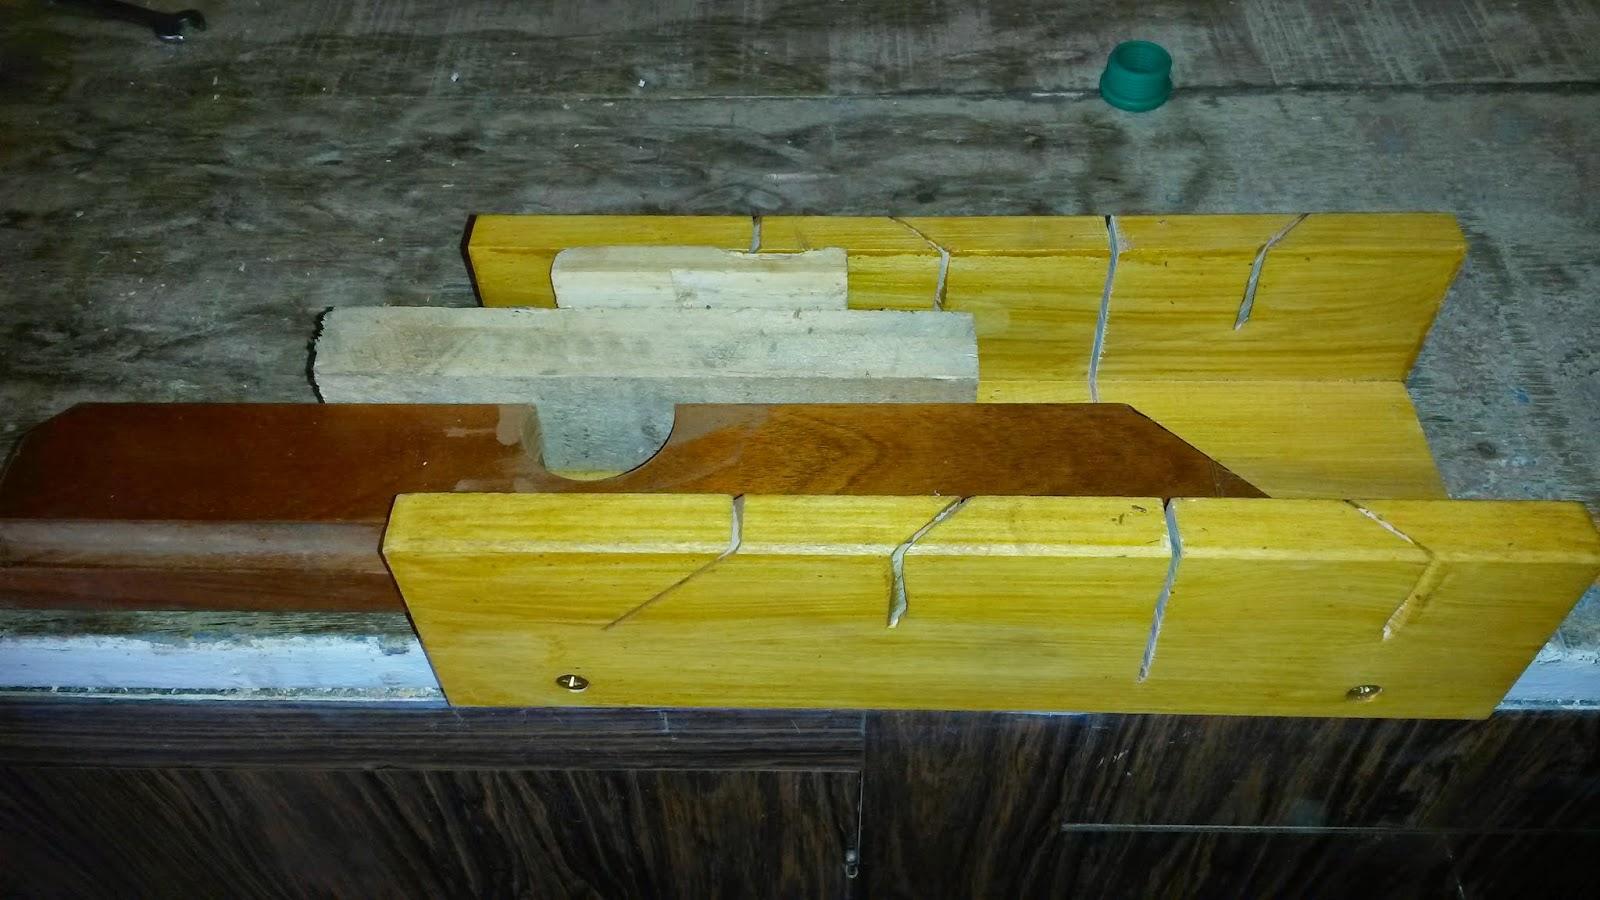 Oficina do Quintal: Como fazer uma bancada para tupia Parte II #66410B 1600x900